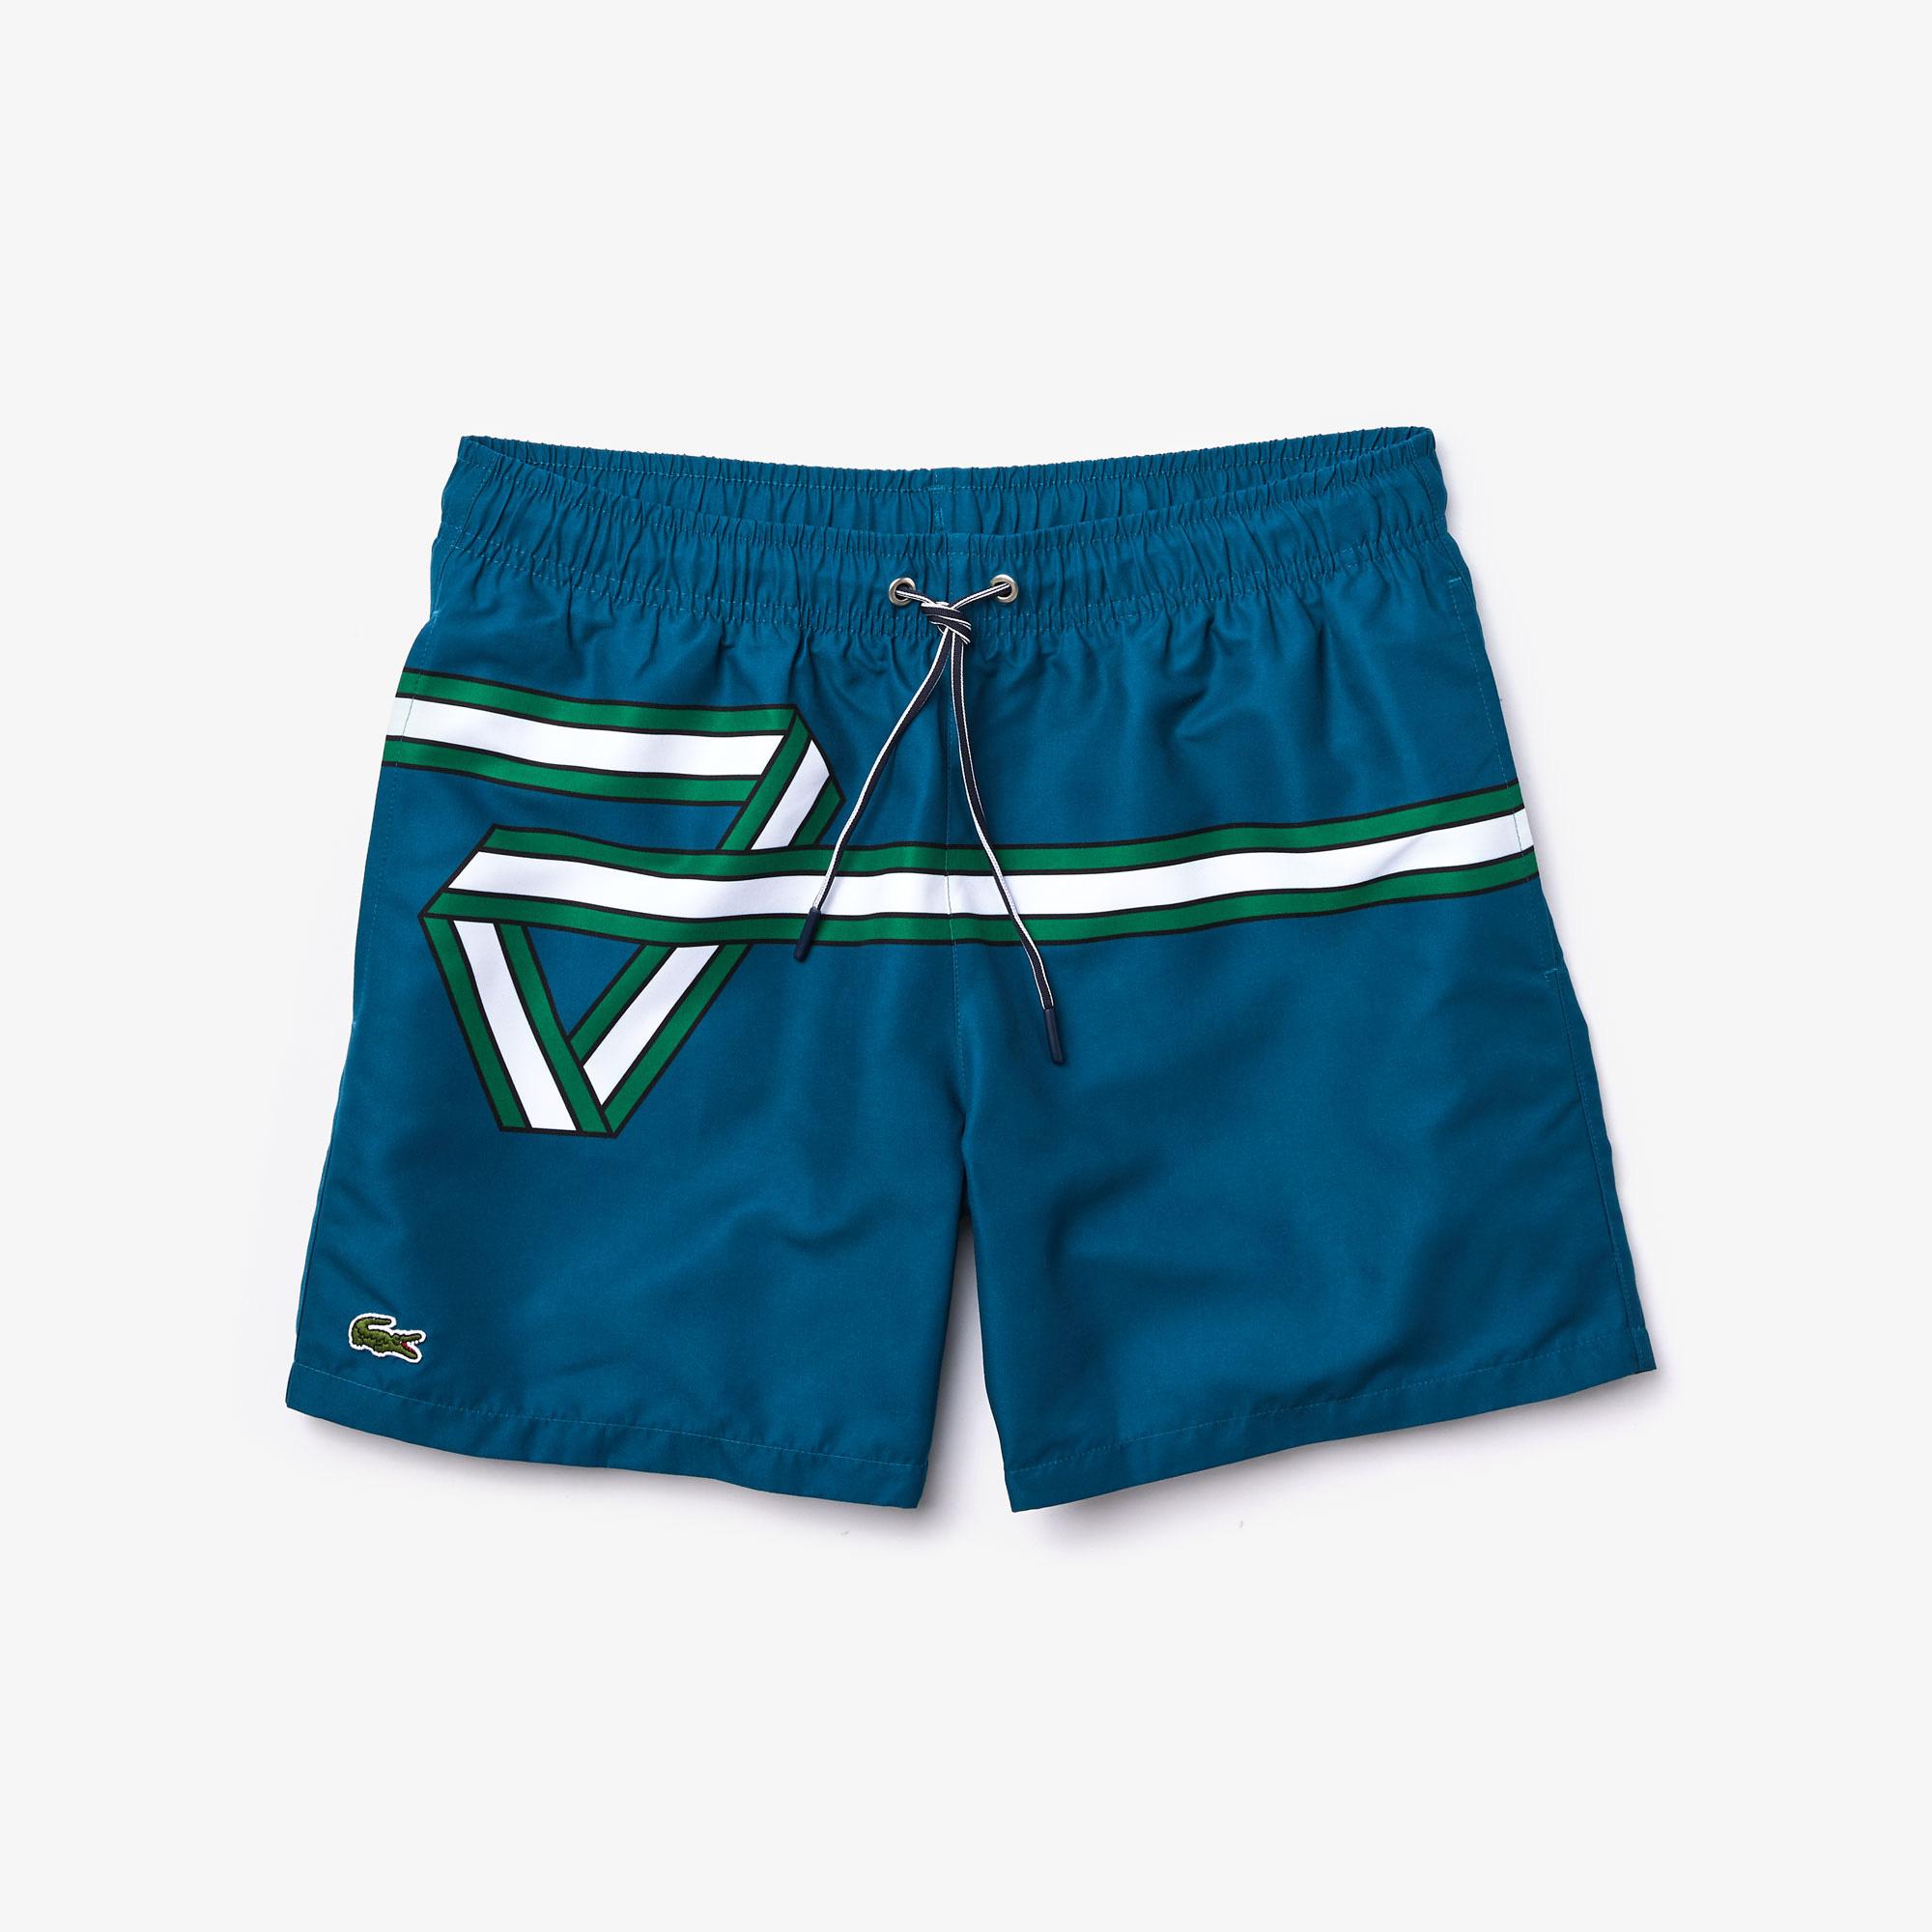 Lacoste Men's Ribbon Print Light Quick-Dry Swim Shorts